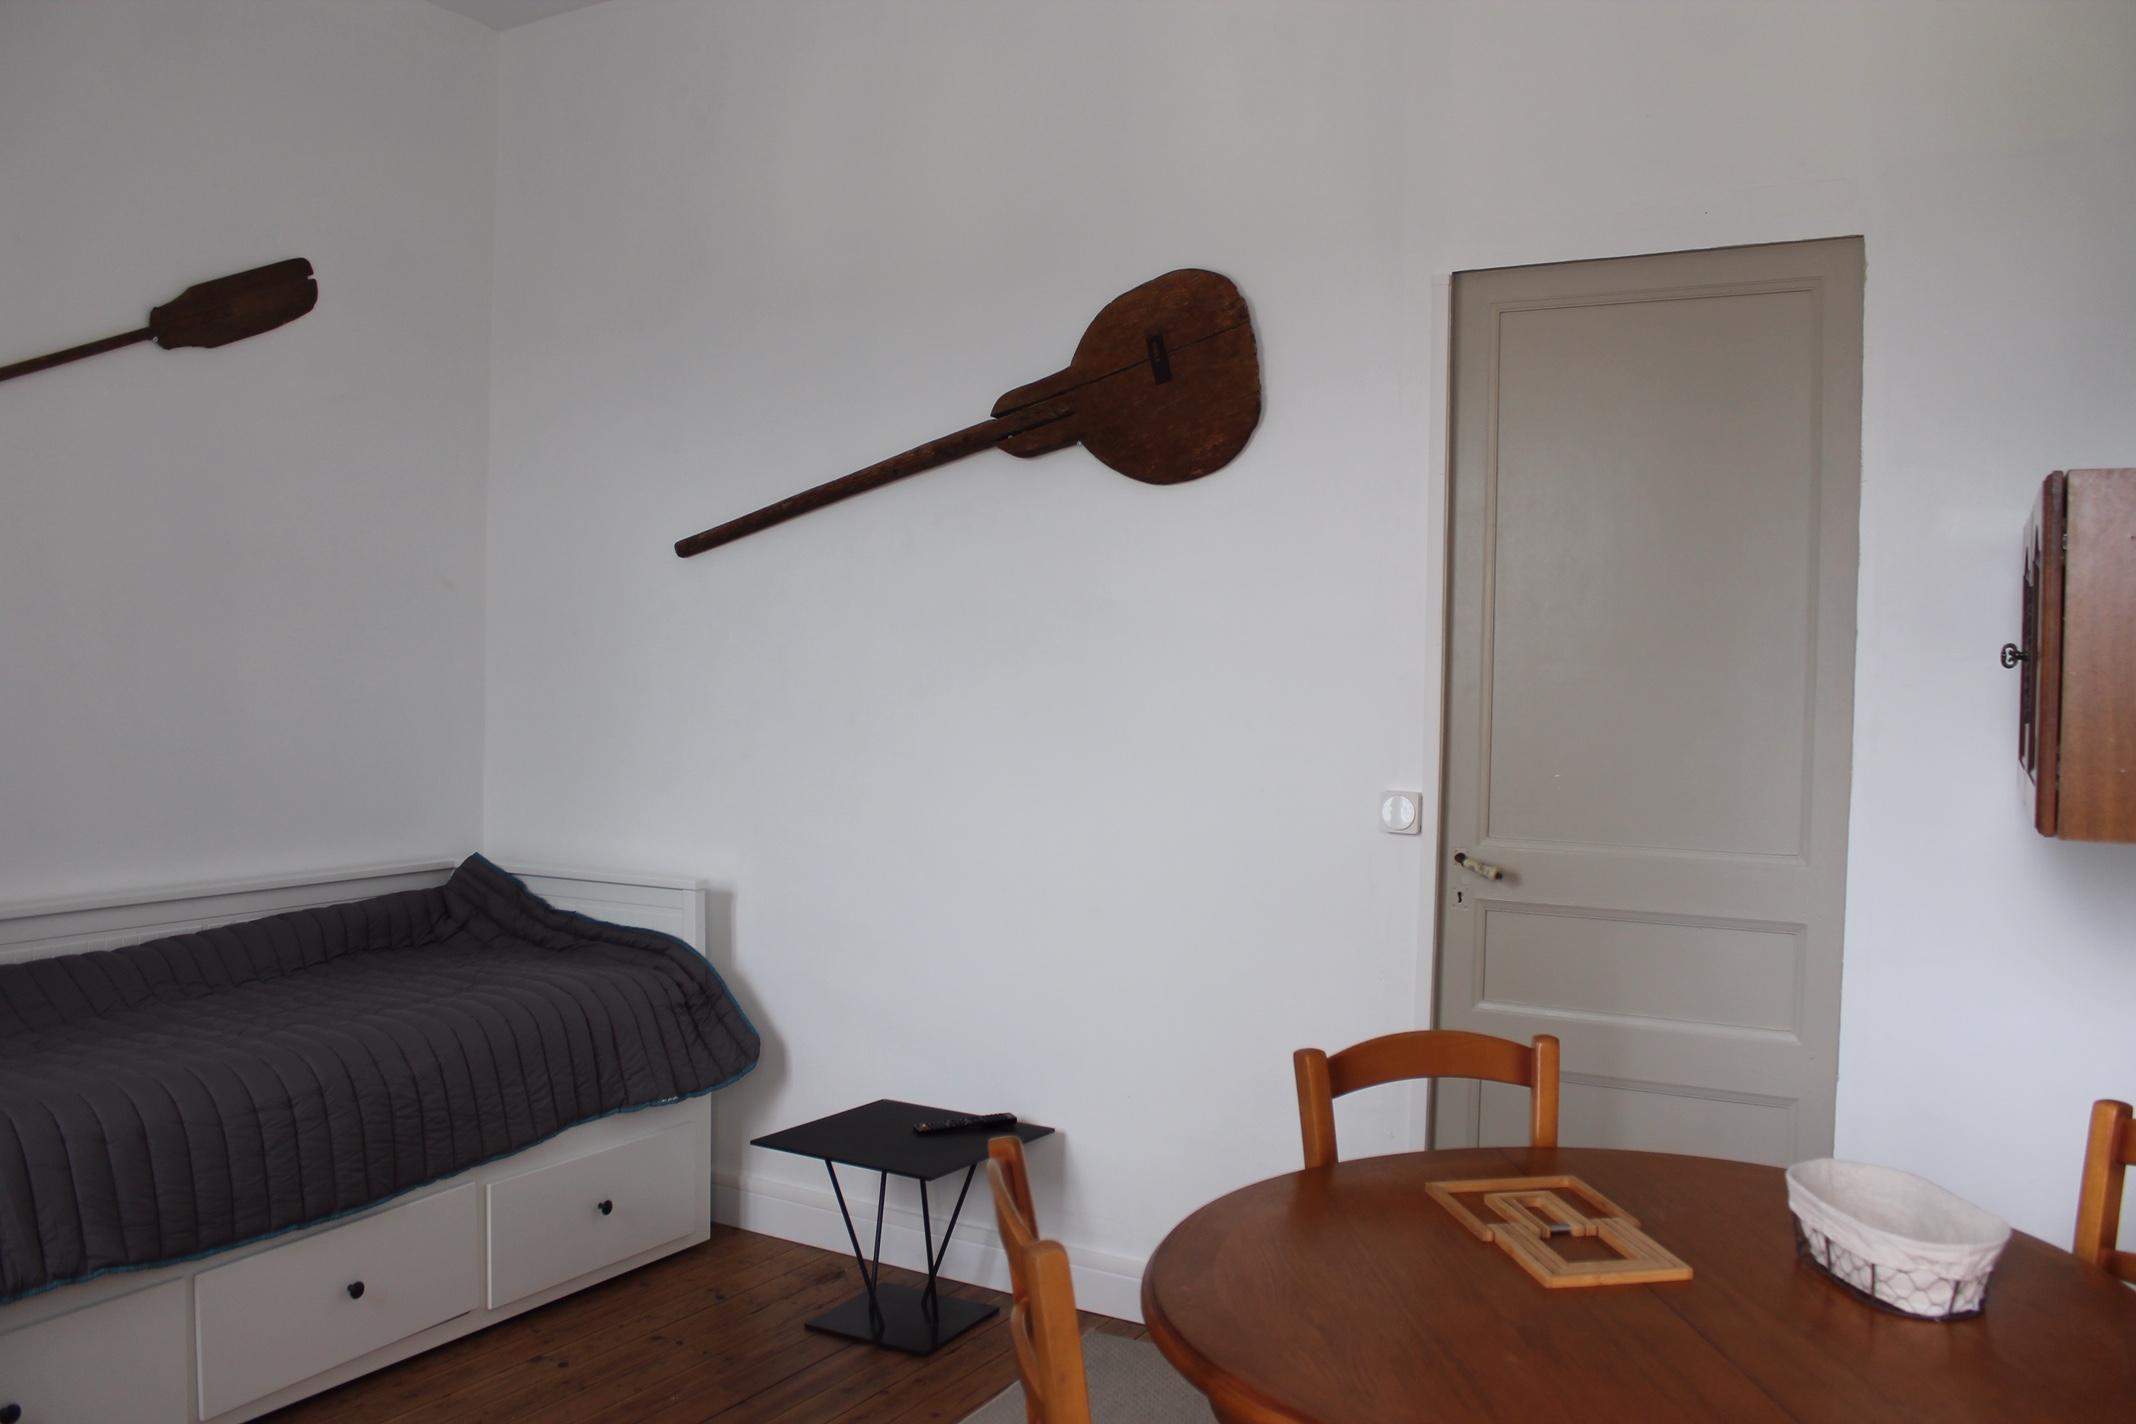 salon n°6